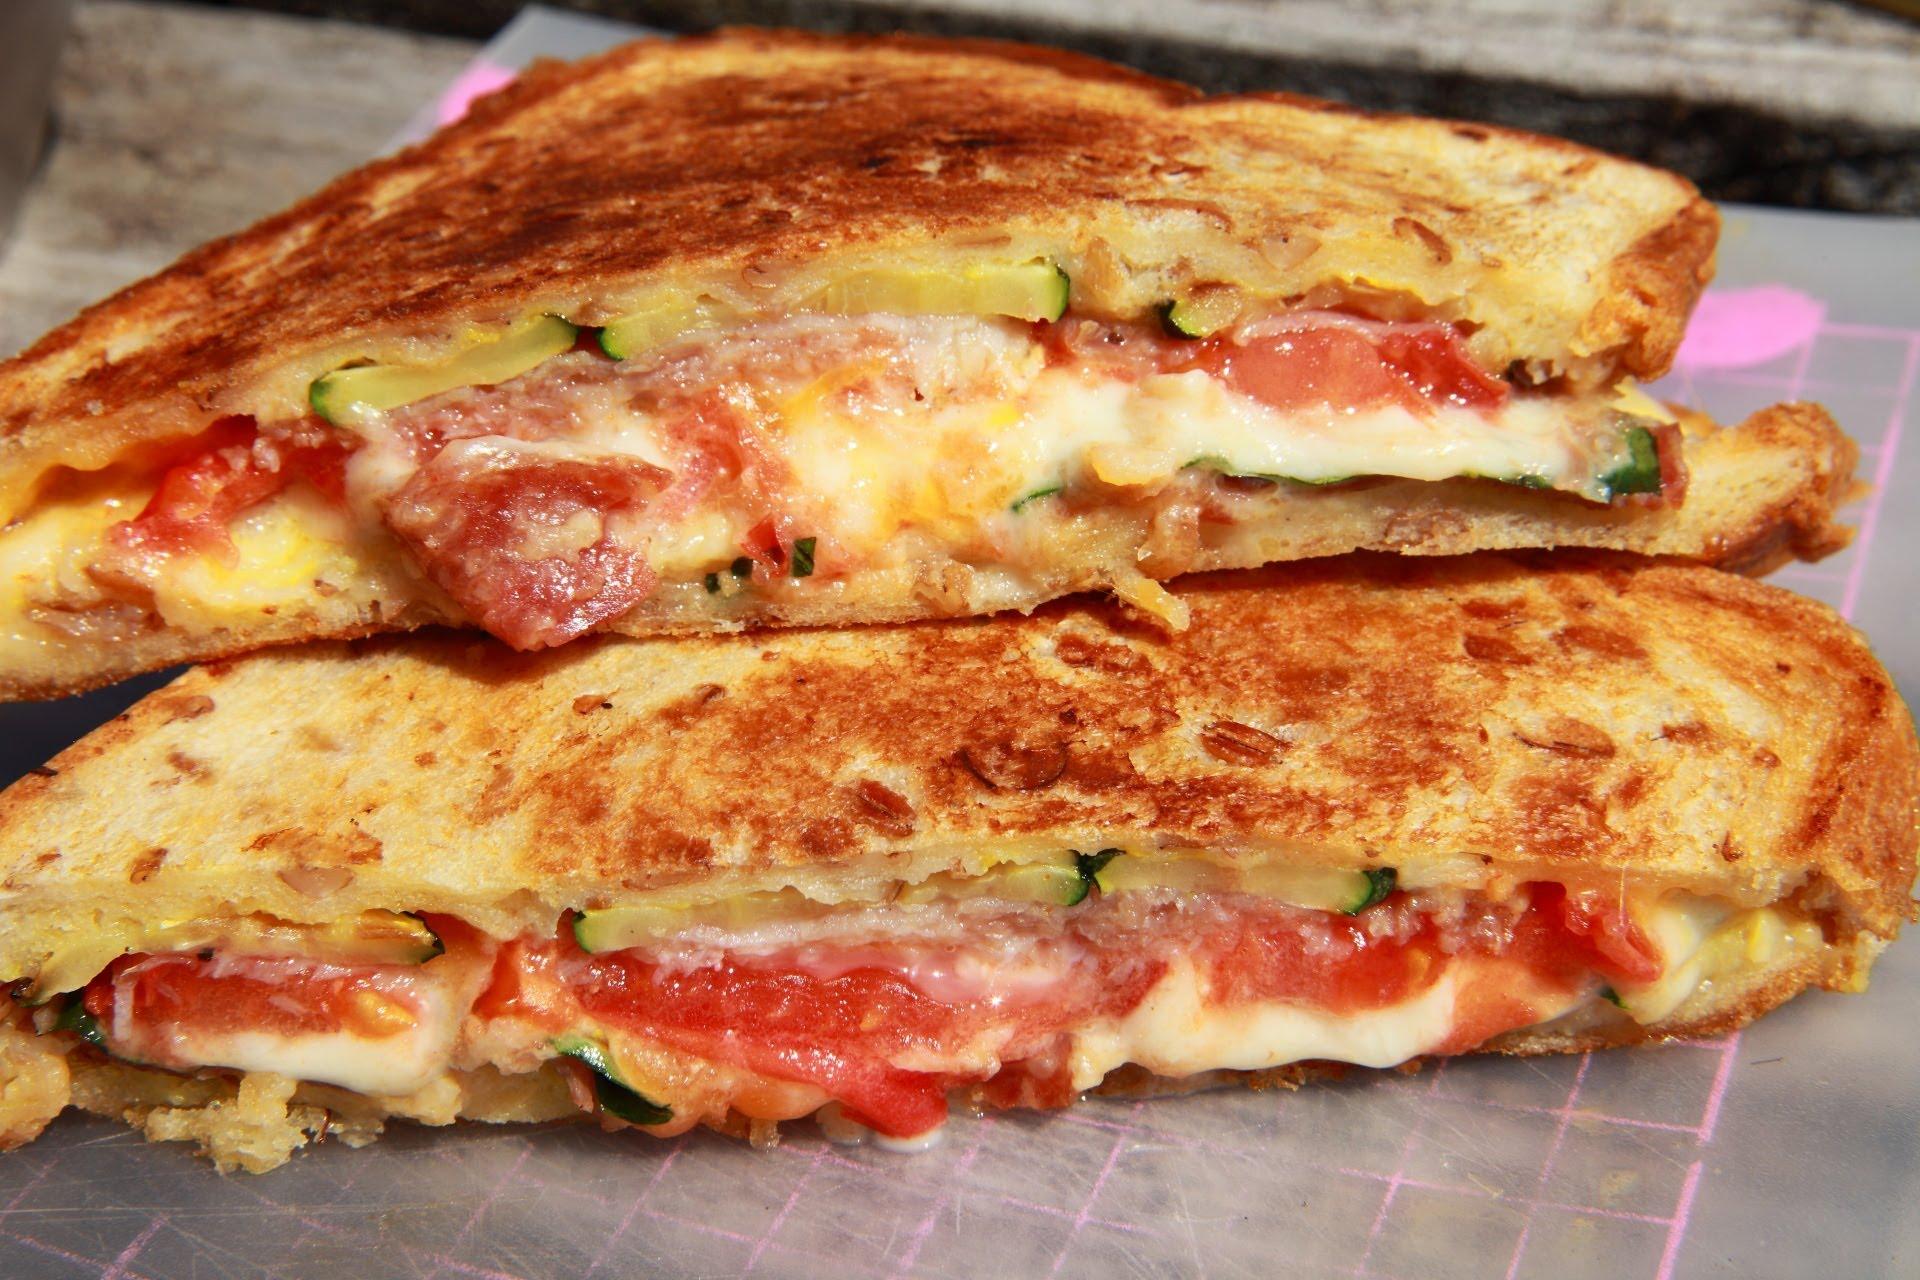 フライパンで簡単♡ホットサンドで朝食を楽しいバリエーションを!のサムネイル画像